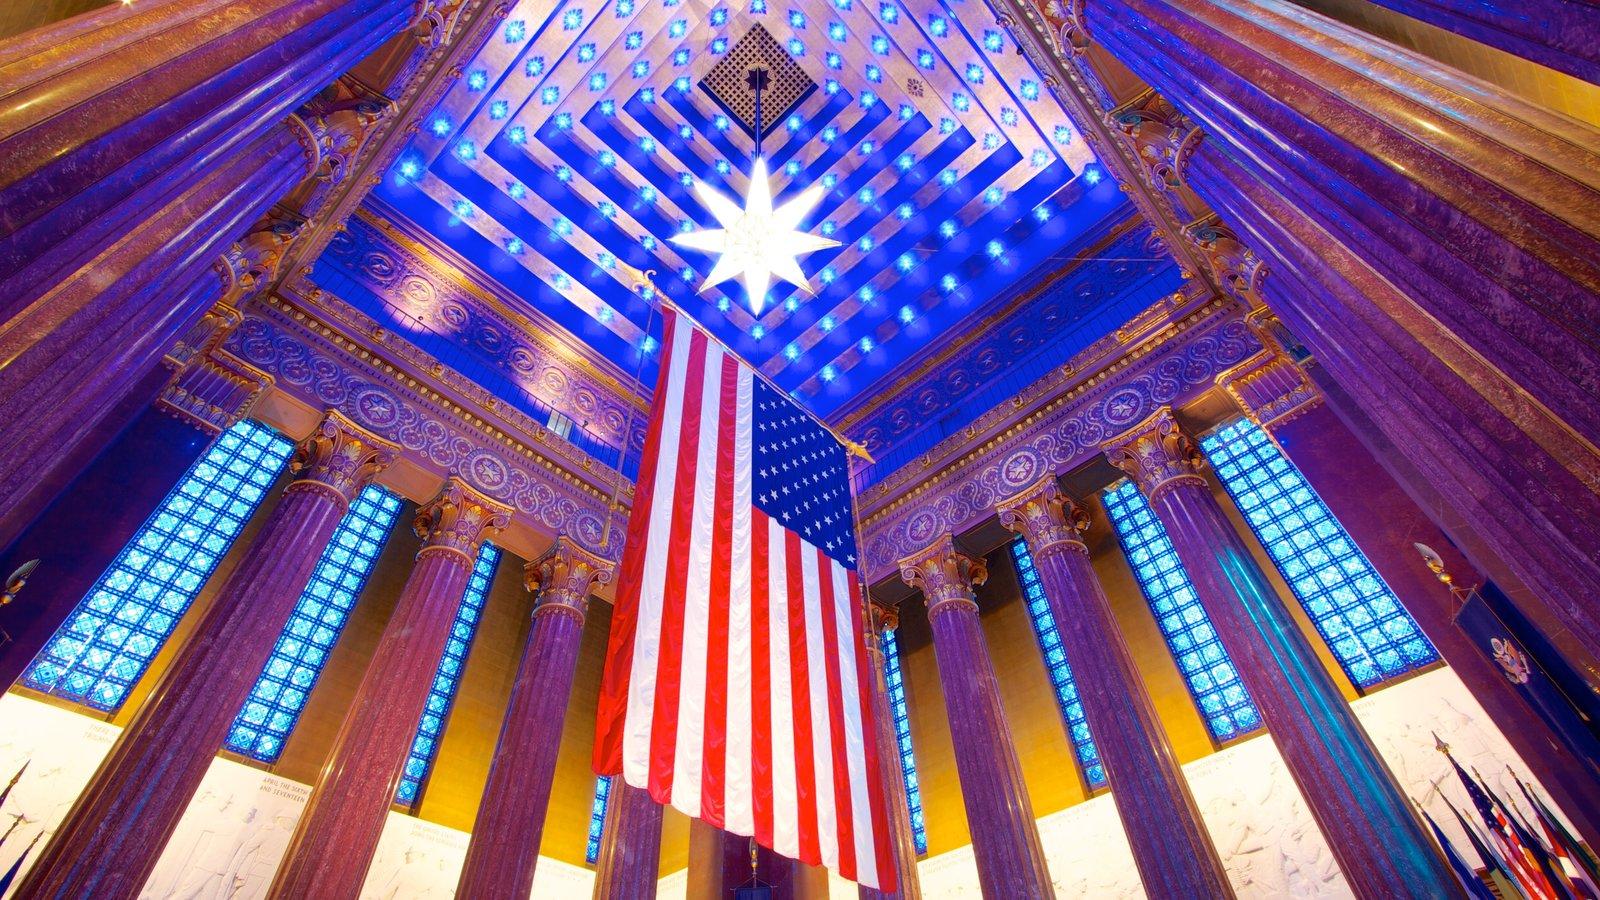 Indiana War Memorial mostrando un monumento y vistas interiores